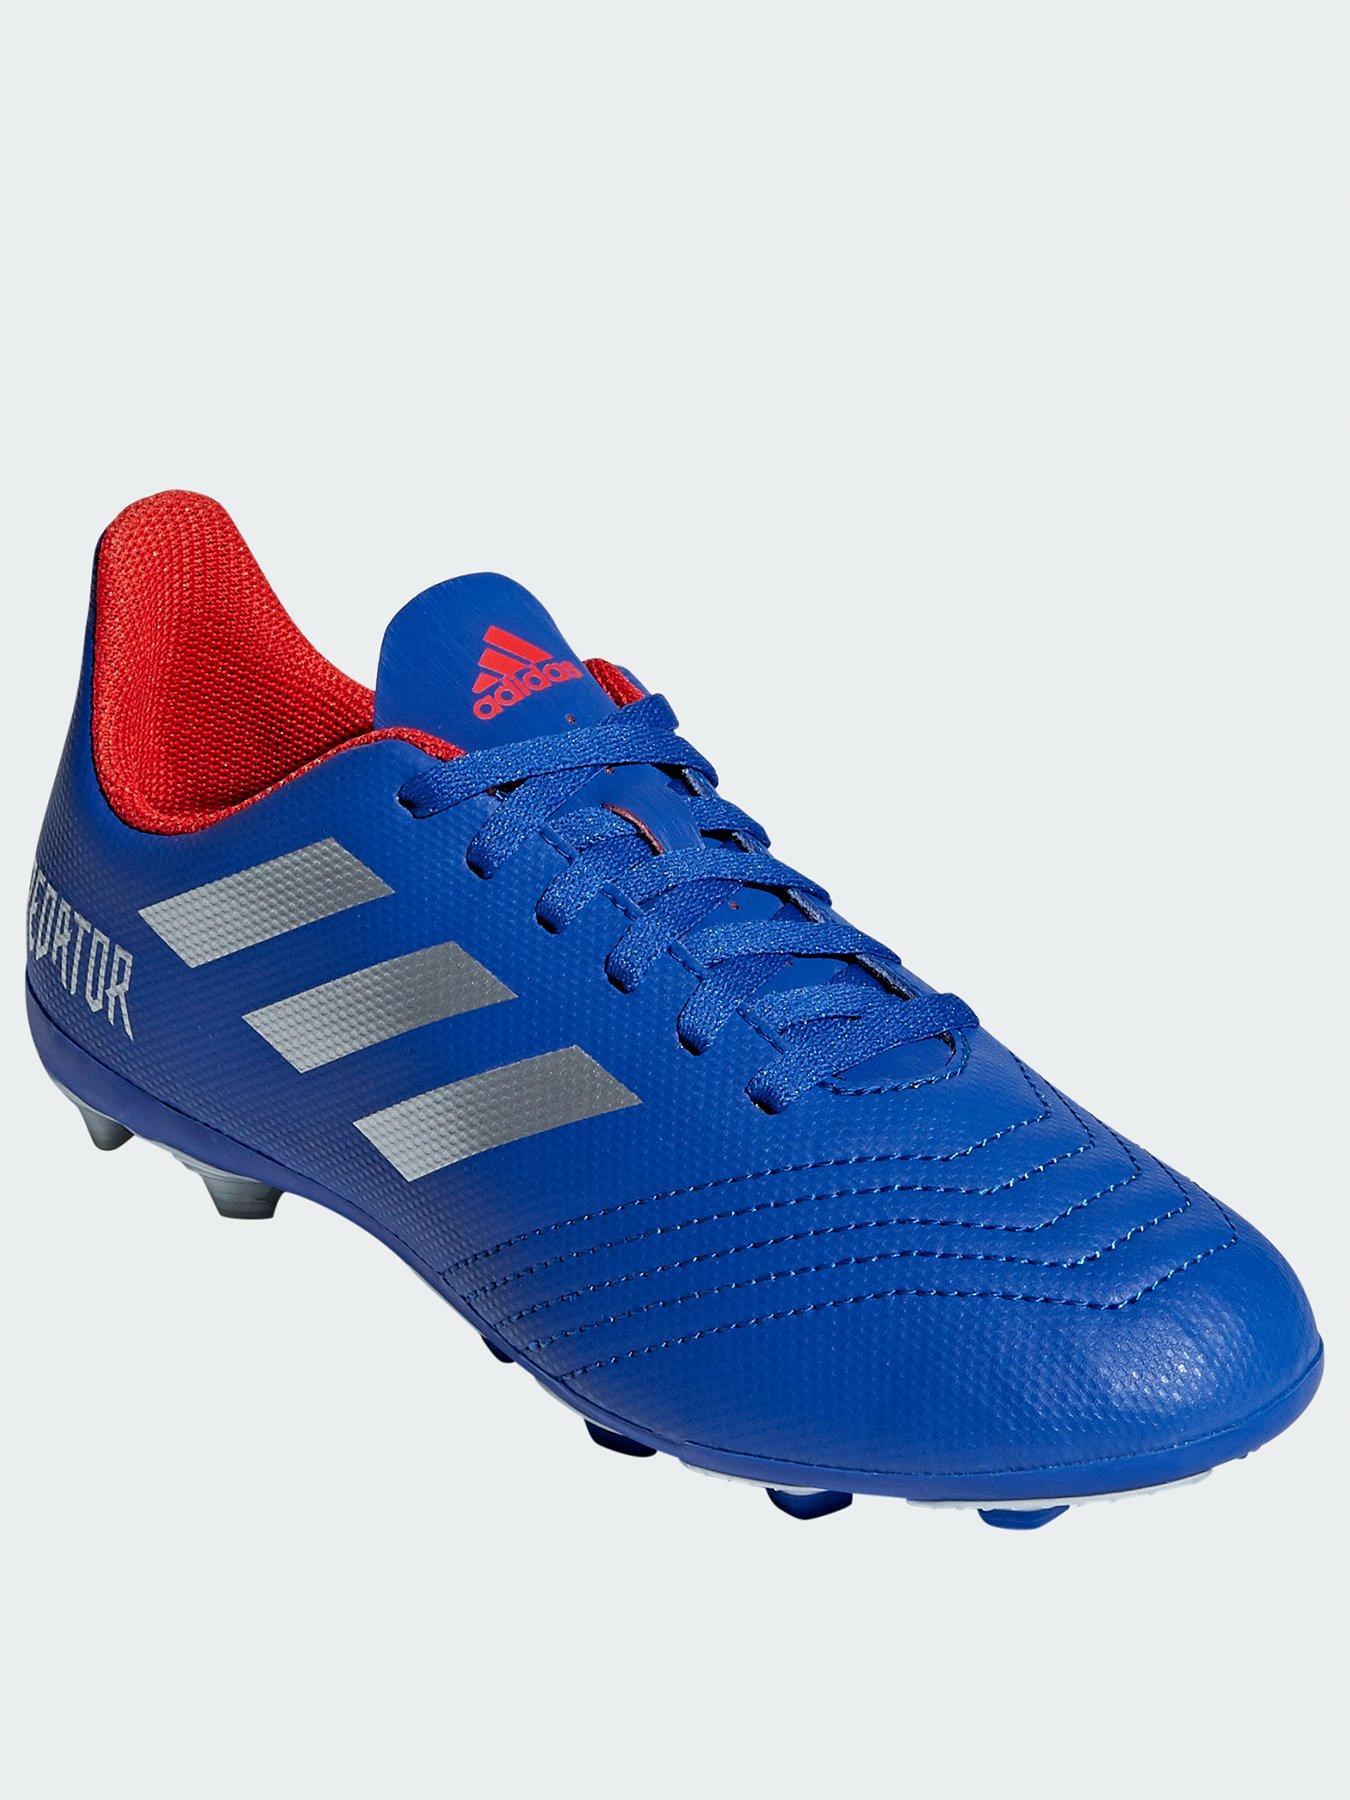 ffd07186d ... coupon code for adidas adidas junior predator 19.4 fxg football boot  7e594 7e190